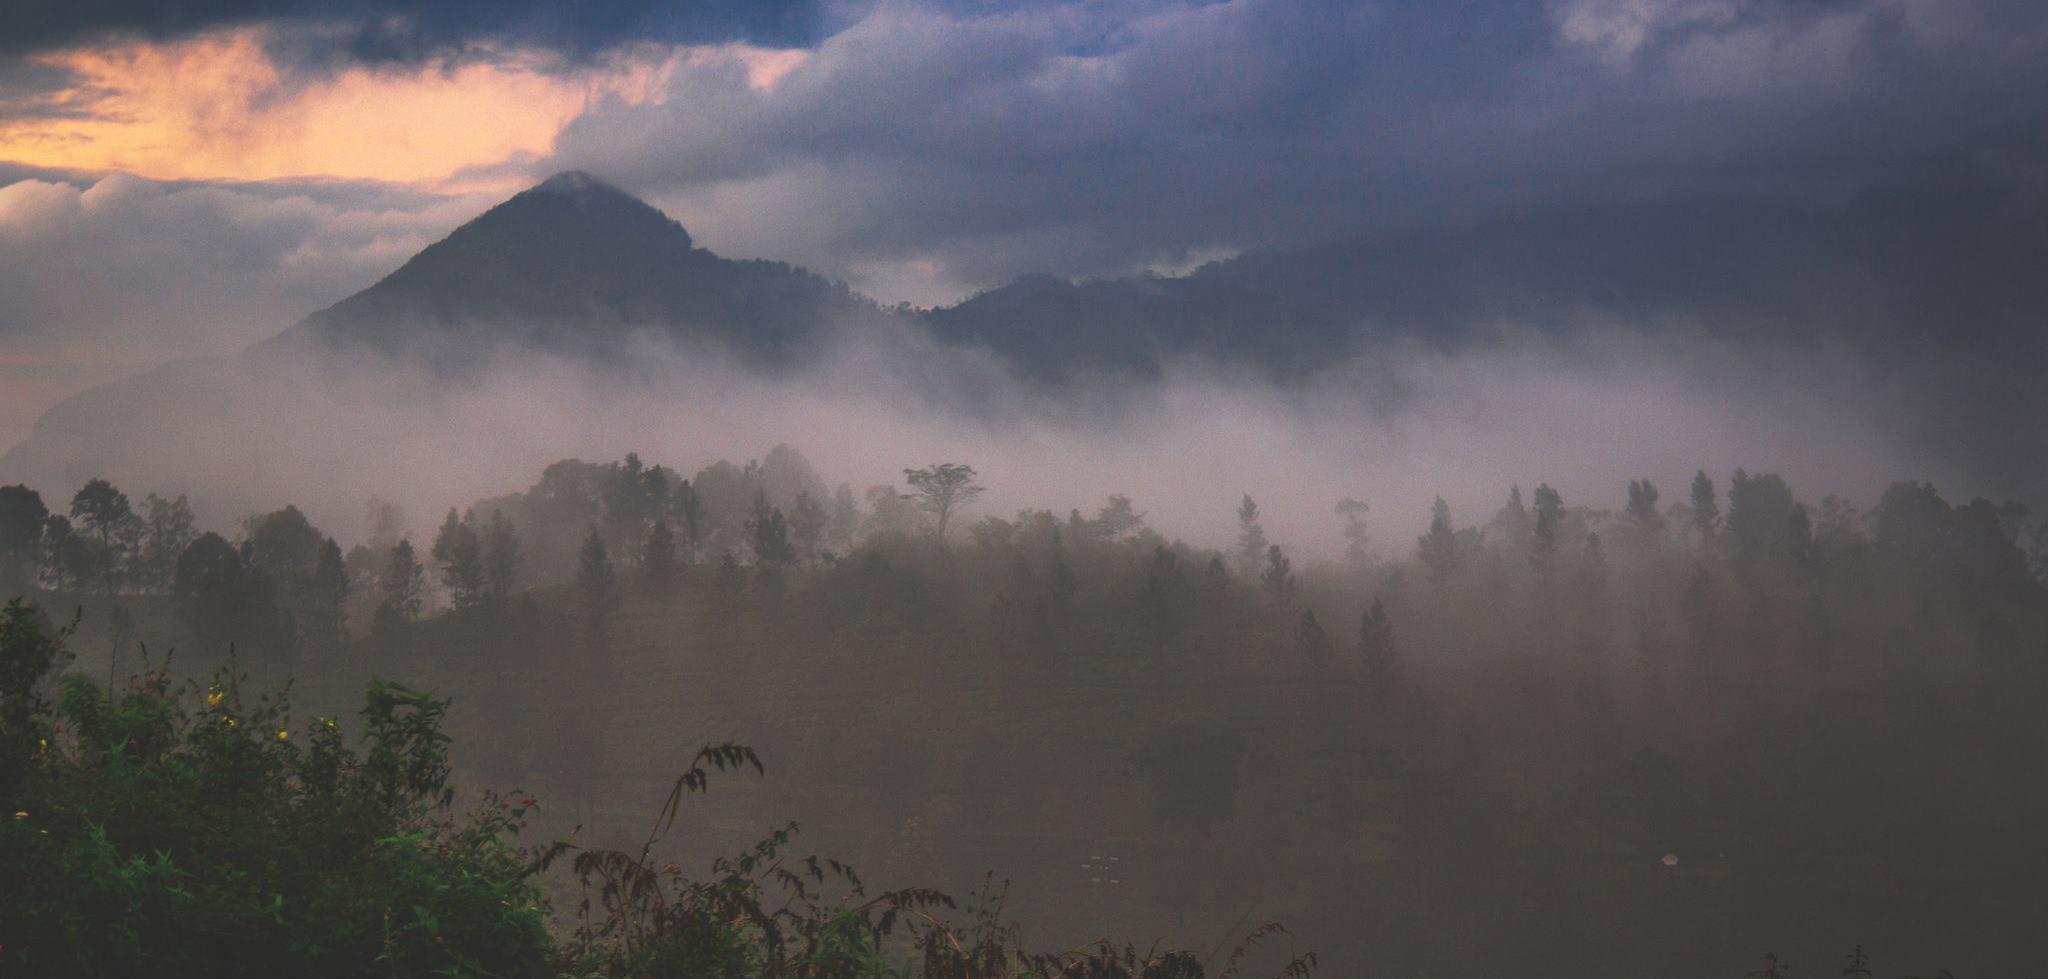 Sri Lanka'nın muhteşem doğası ve meşhur çay tarlaları